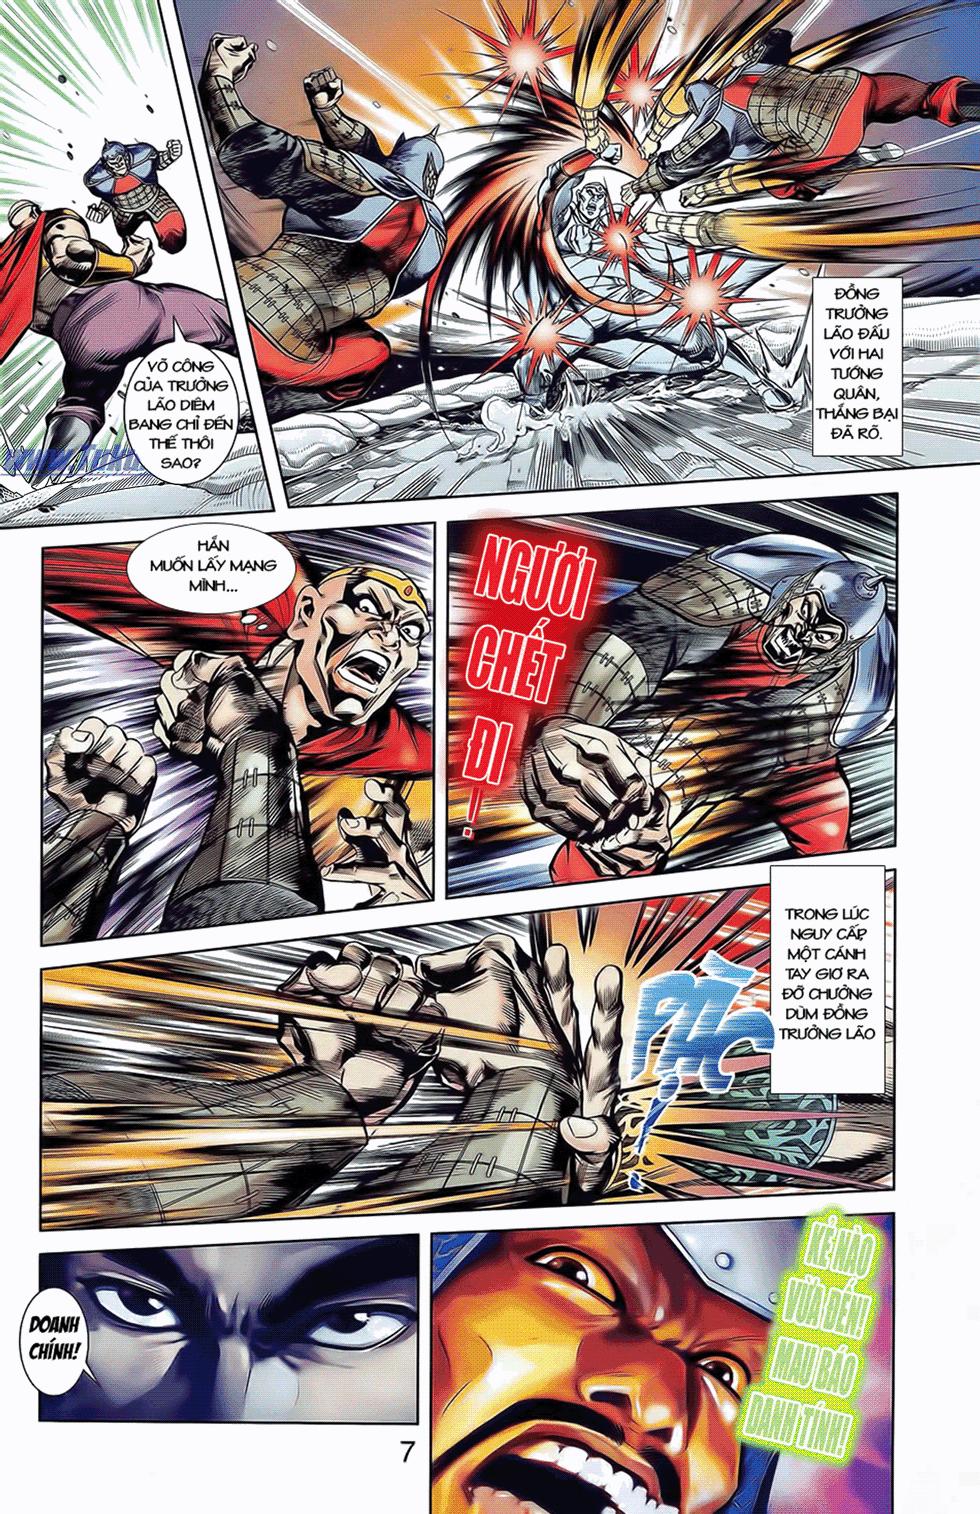 Tần Vương Doanh Chính chapter 9 trang 10